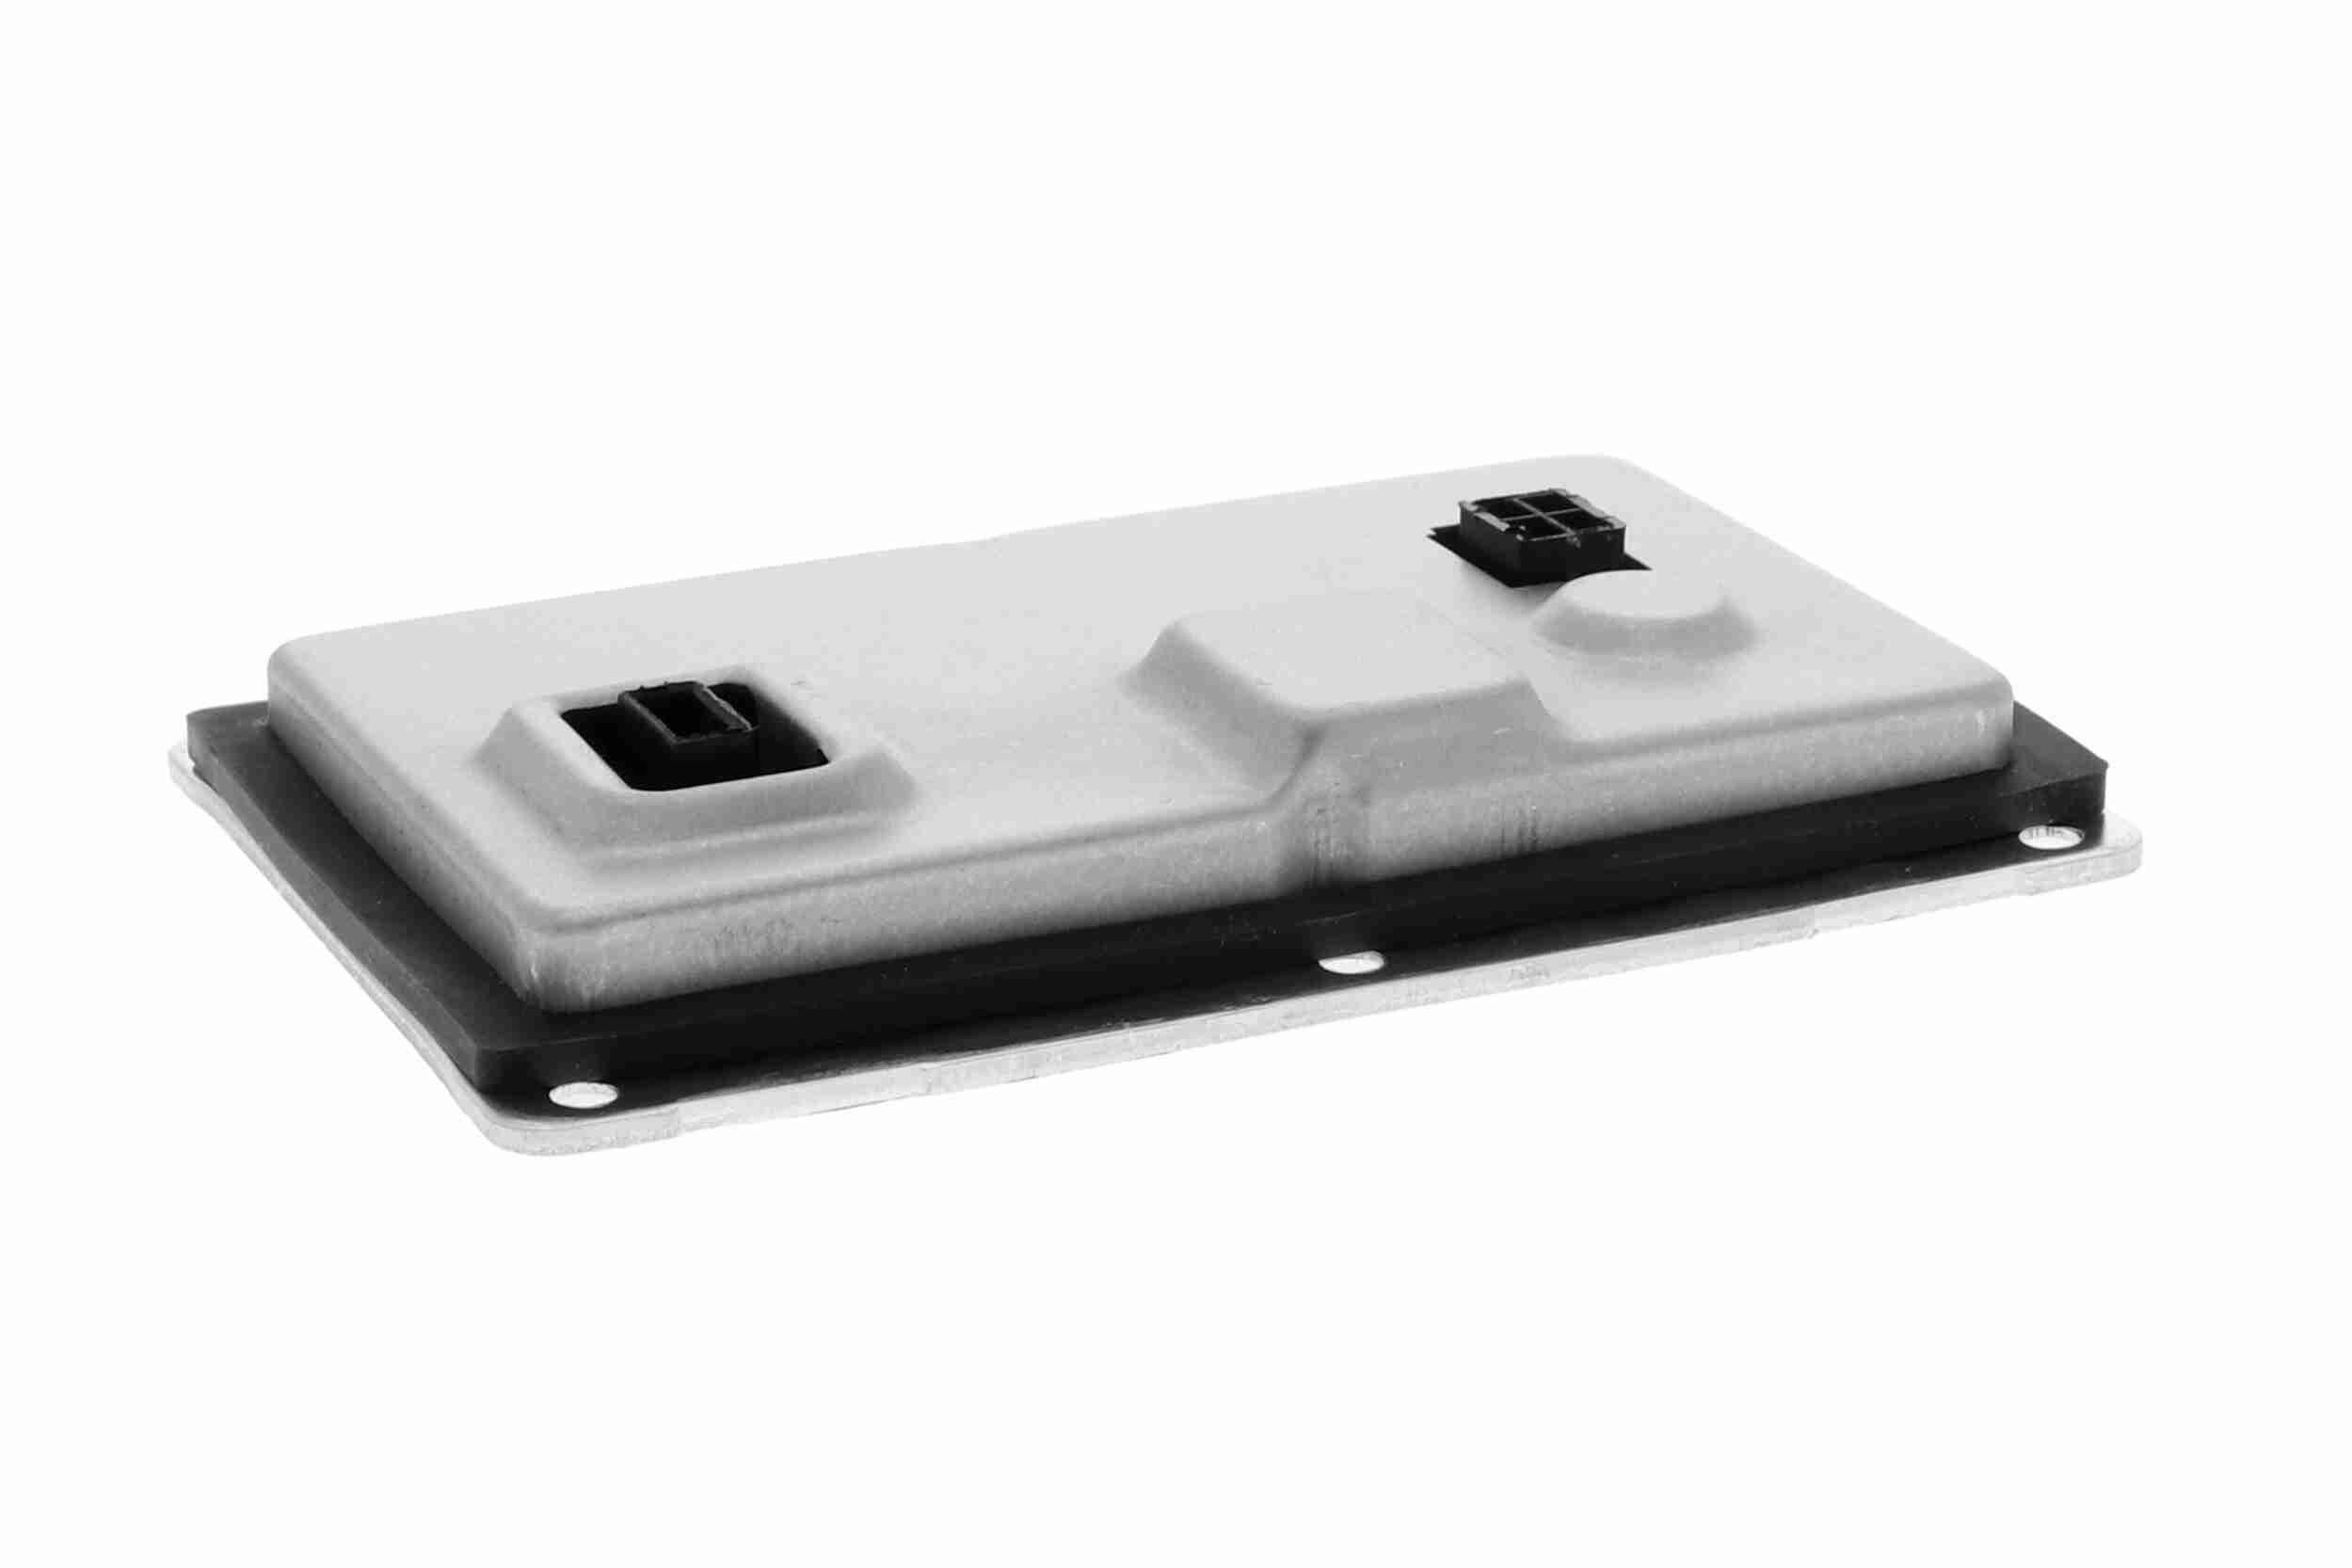 Xenonlicht V46-84-0002 Laguna II Grandtour (KG) 1.9 dCi 100 PS Premium Autoteile-Angebot